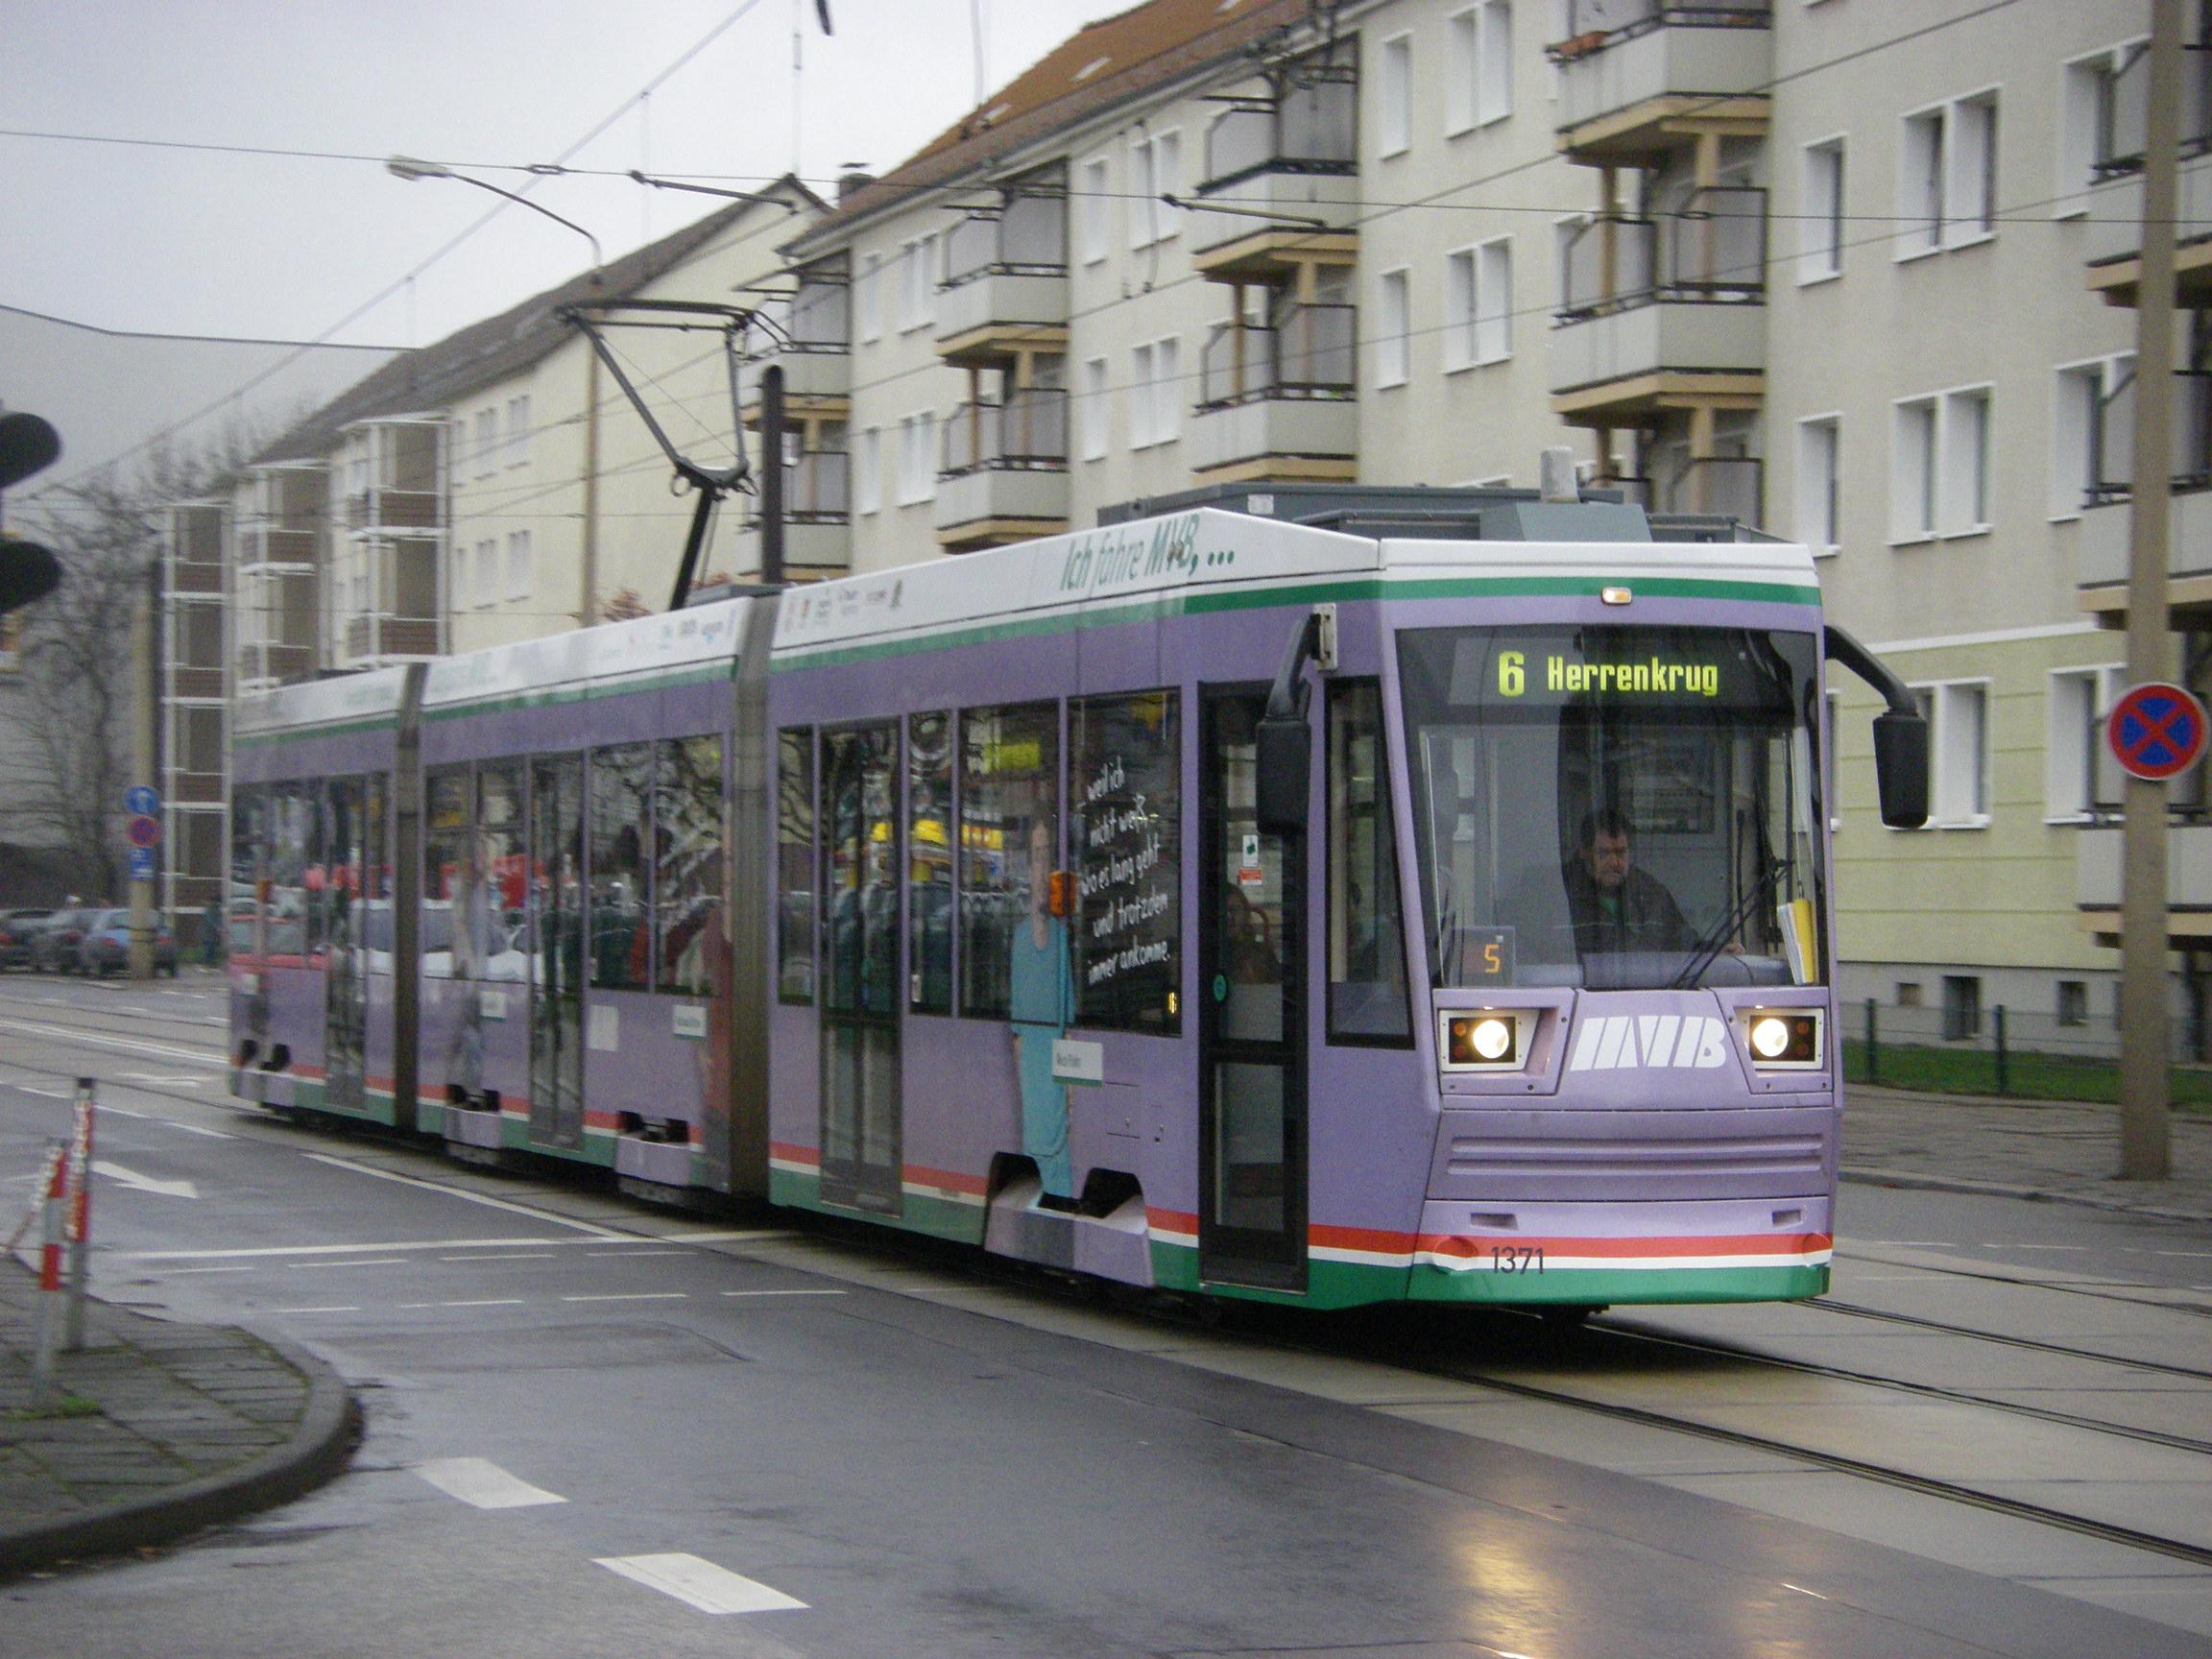 Große Diesdorfer Straße : file magdeburg gro e diesdorfer stra e mit stra enbahn nr 1371 linie 6 jpg wikimedia commons ~ Watch28wear.com Haus und Dekorationen